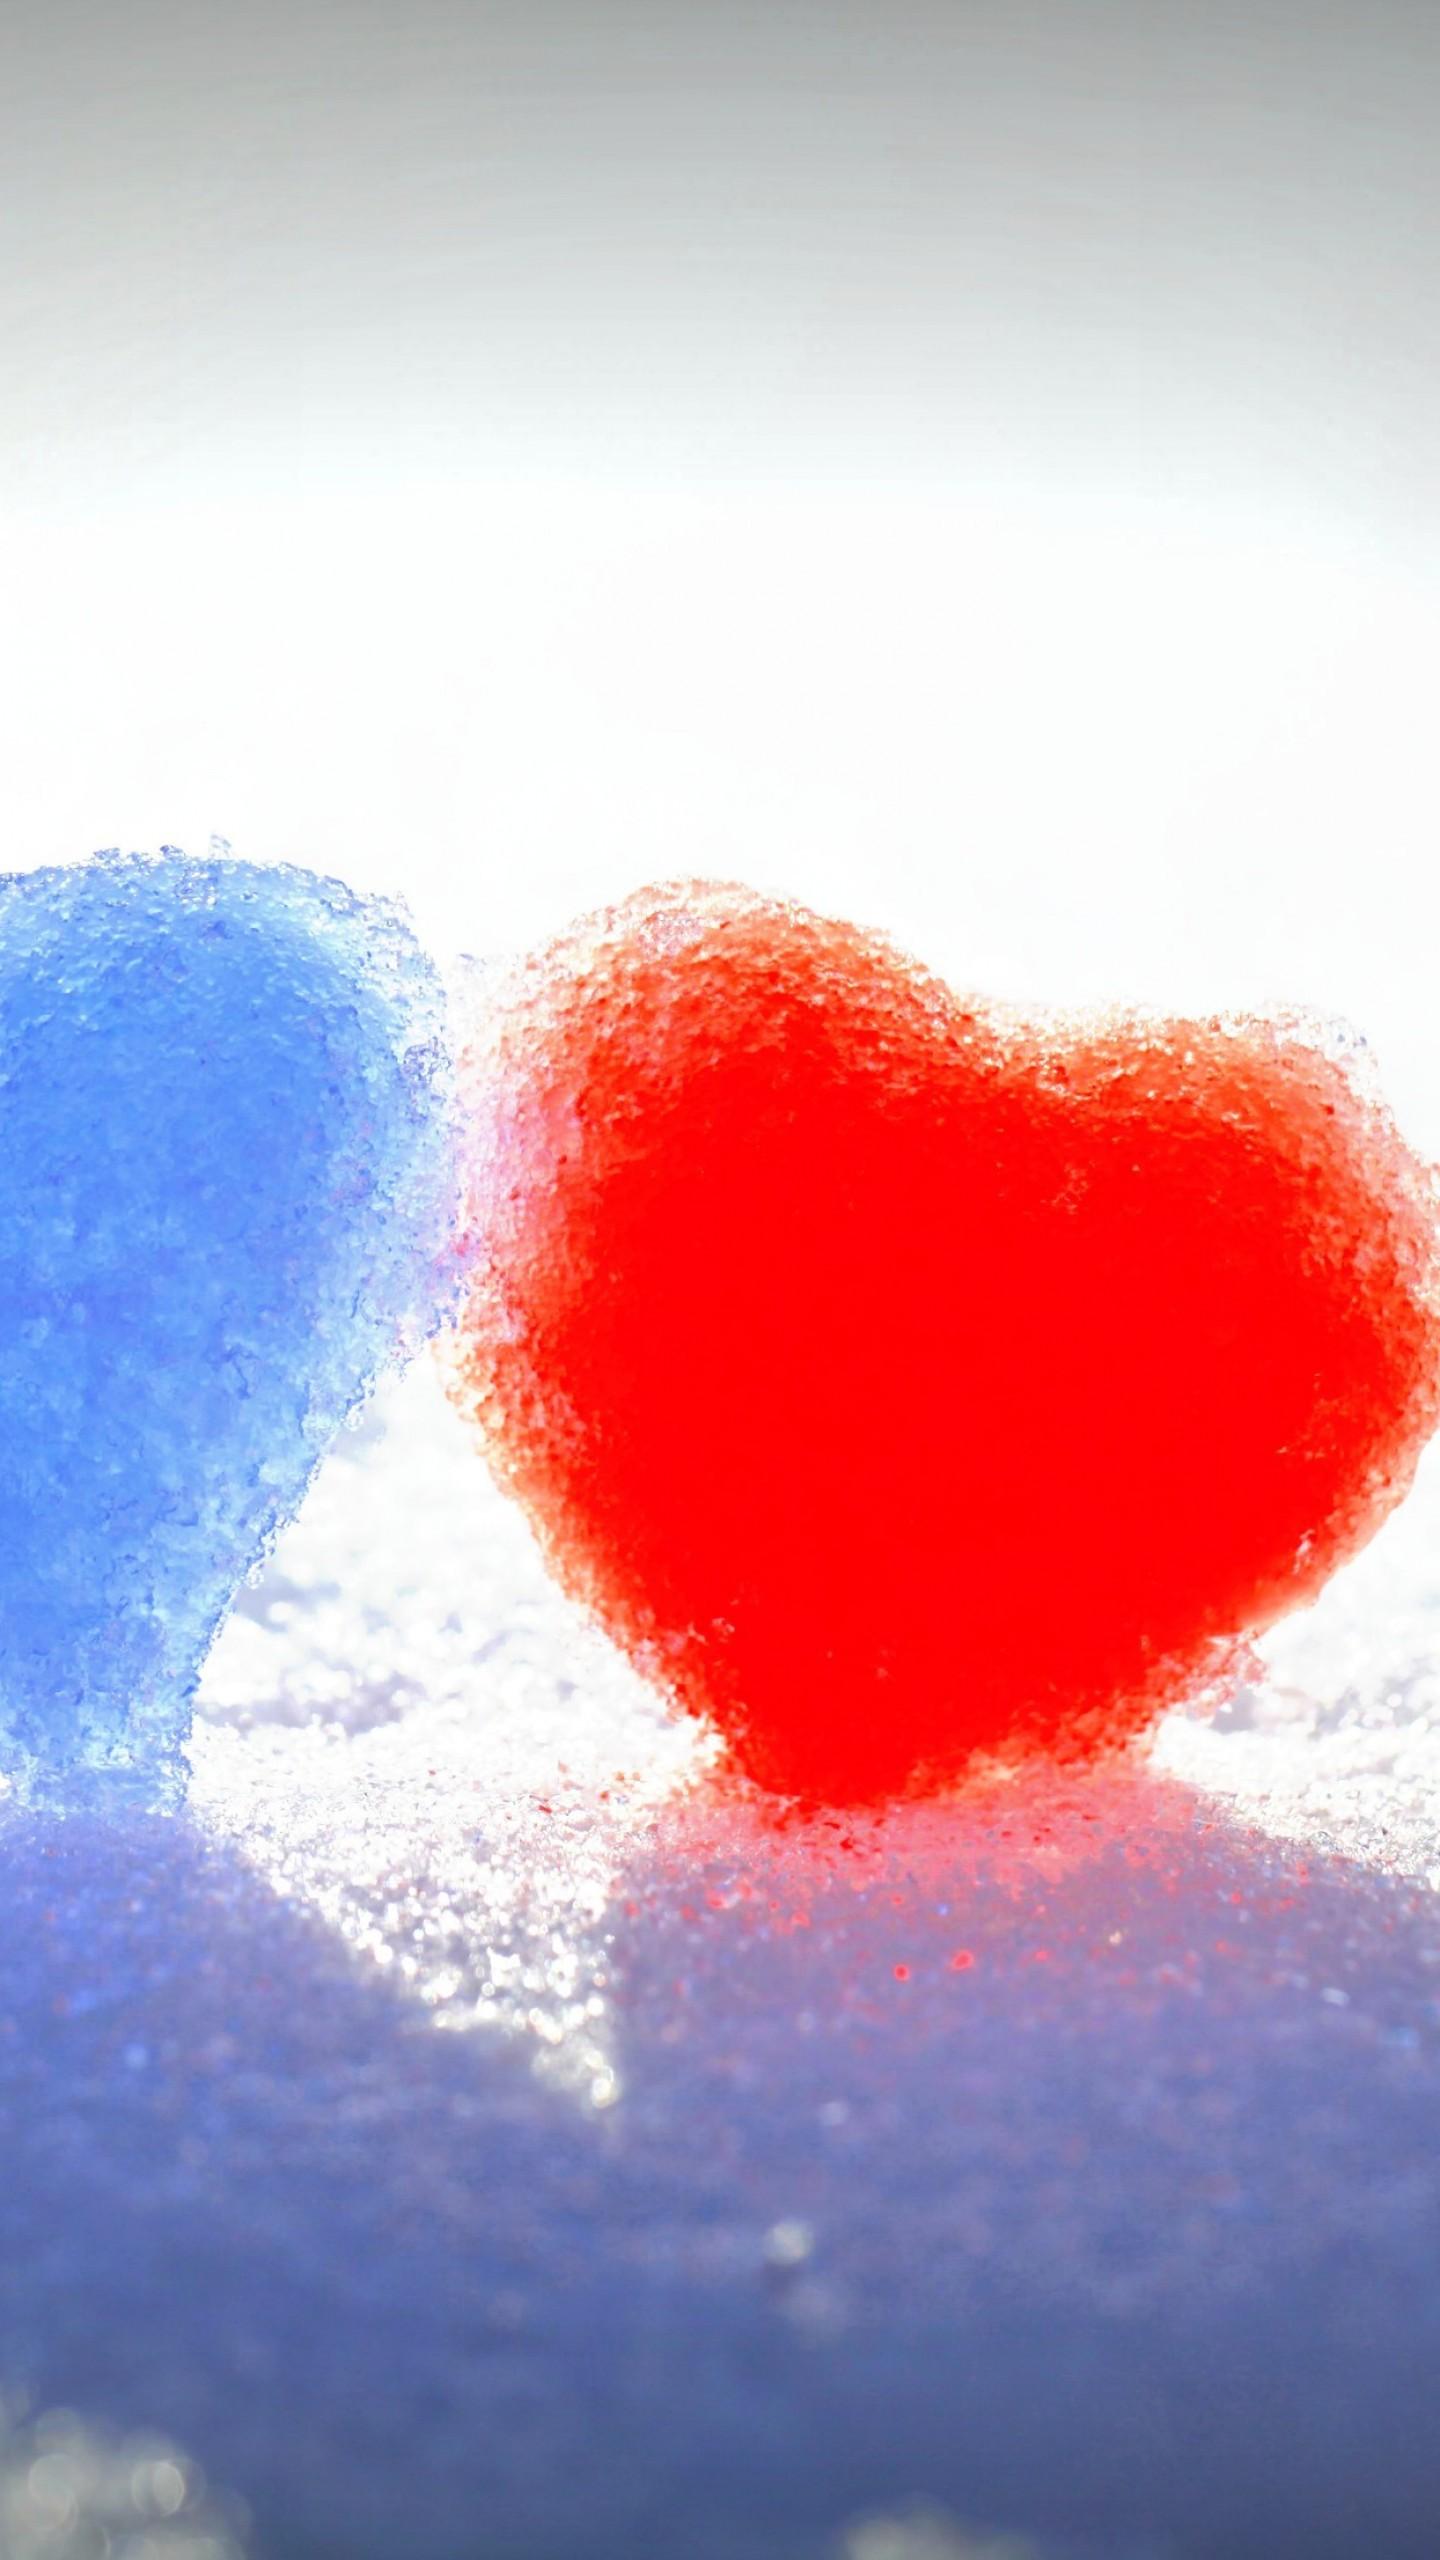 عکس زمینه عشق و قلب های منجمد برفی قرمز و آبی پس زمینه